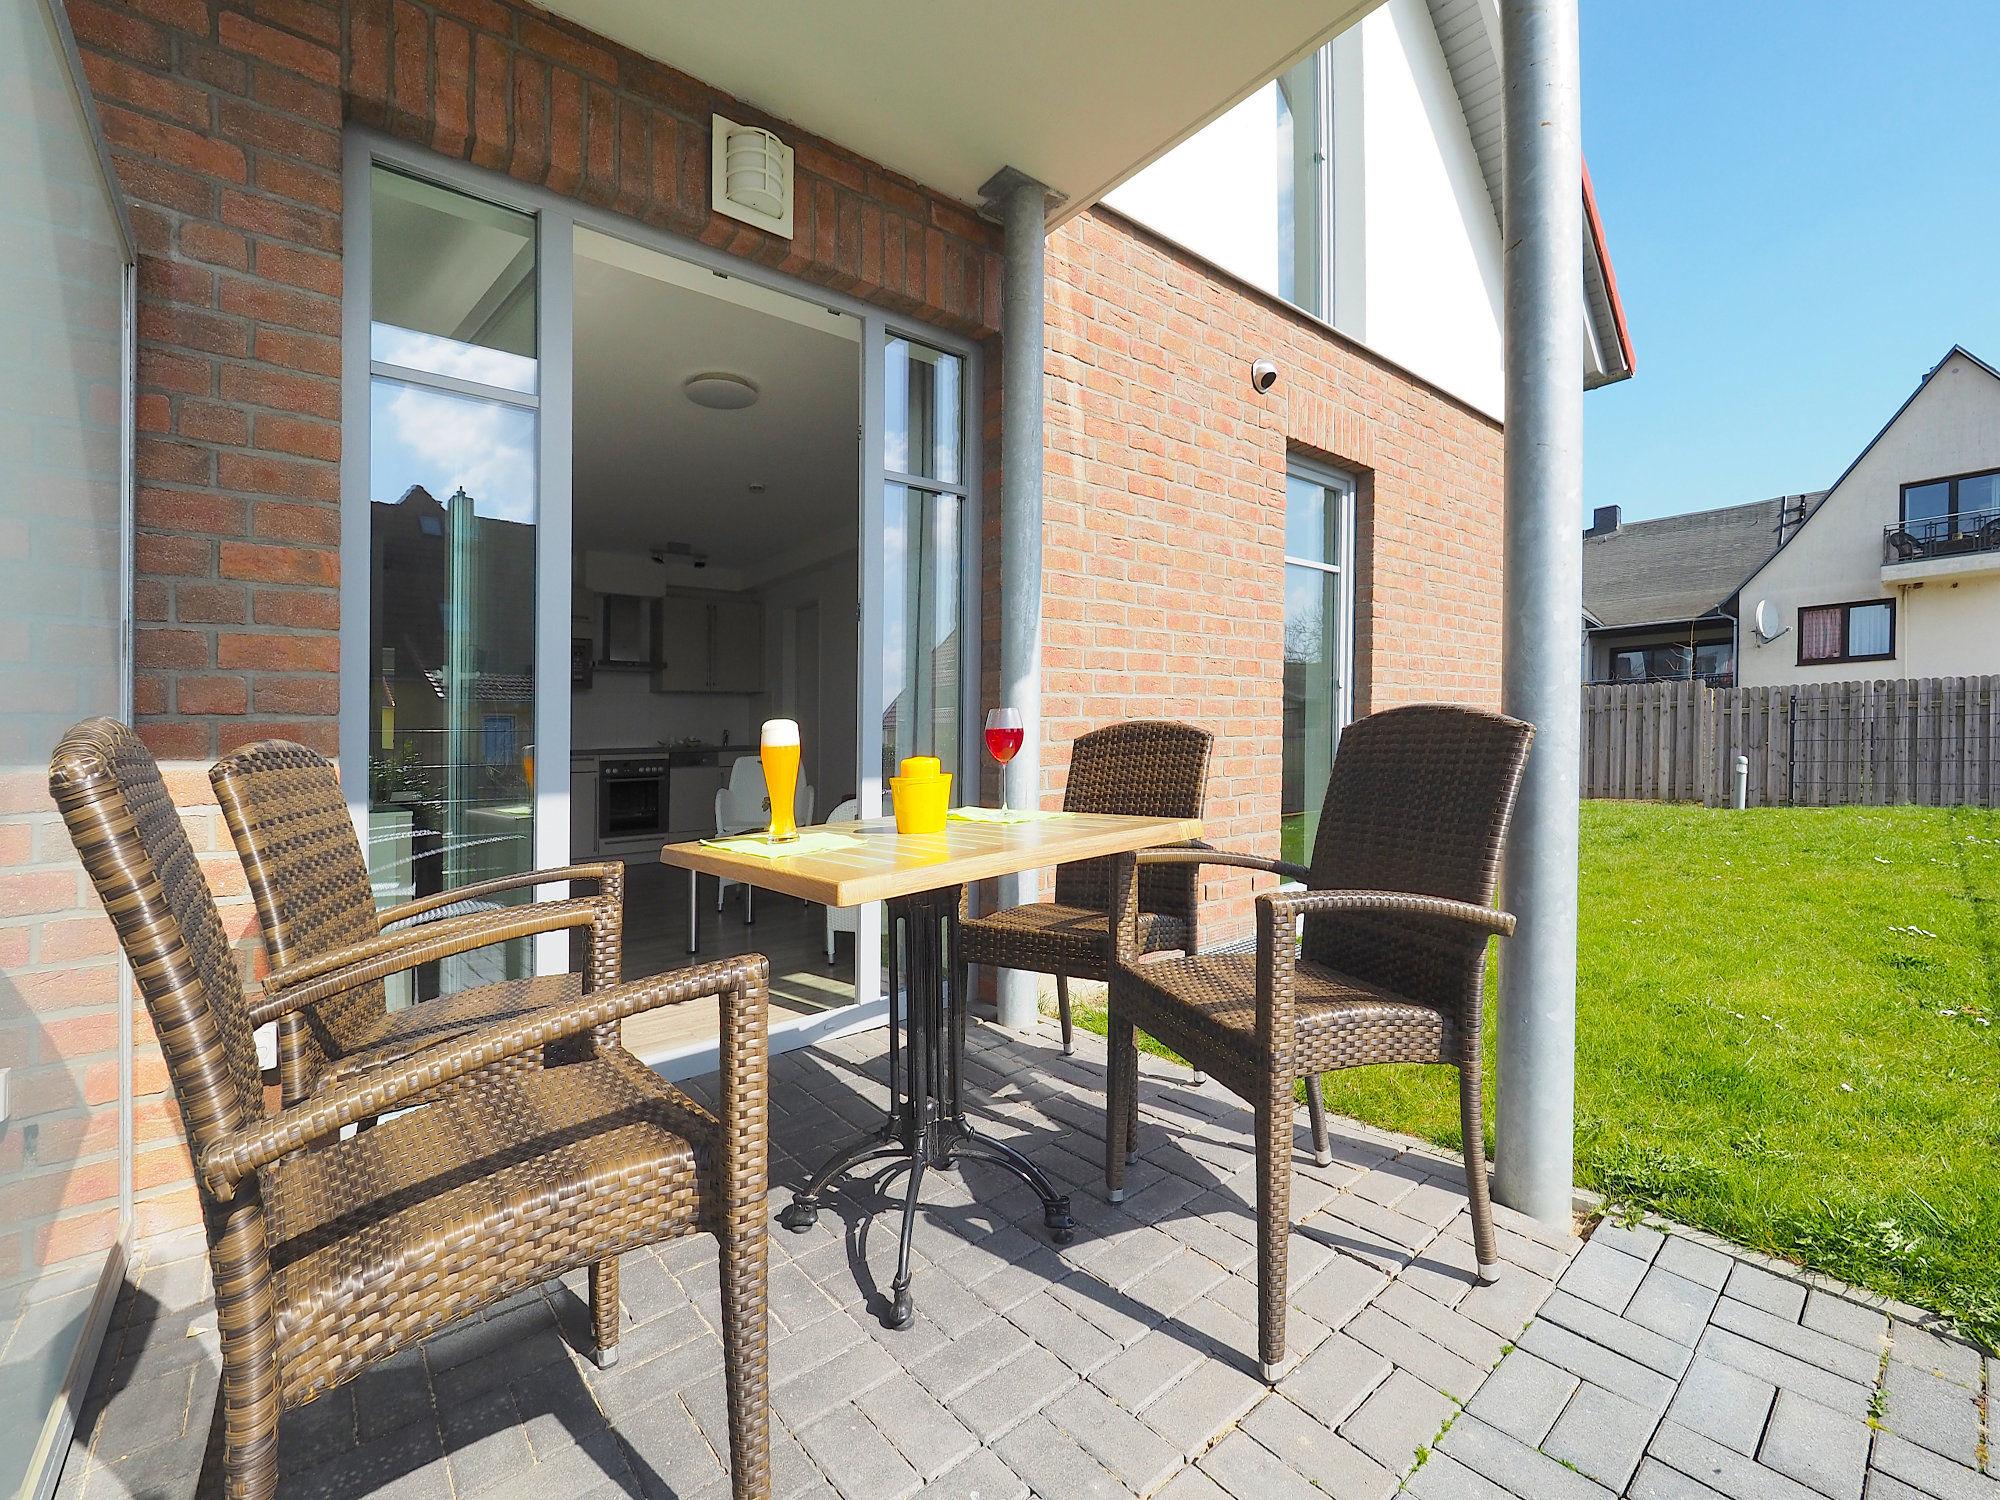 sonnige Terrasse mit Tisch und 4 Stühlen